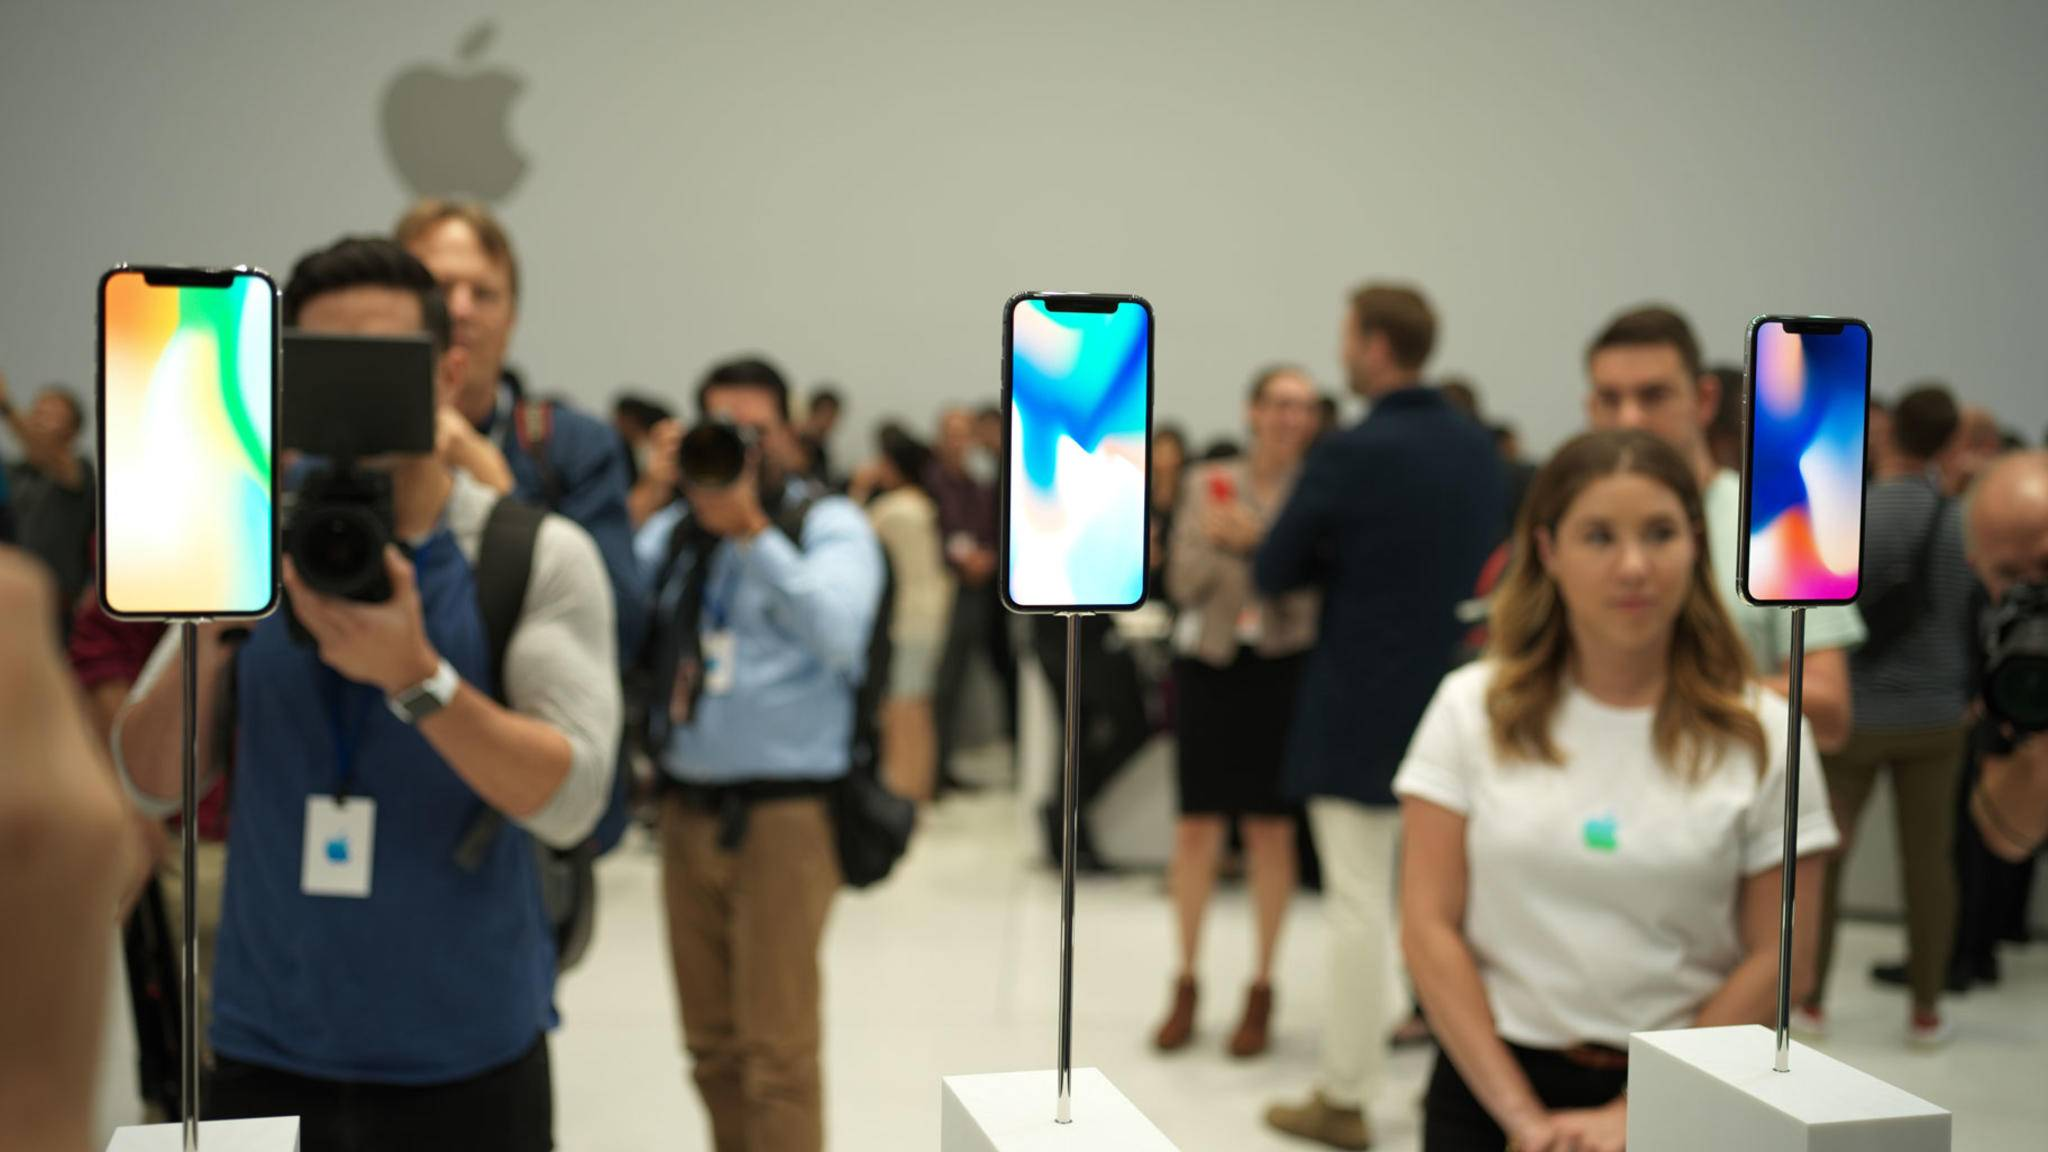 Ein bisschen Spaß muss sein – das denkt sich offenbar nicht nur Apple.